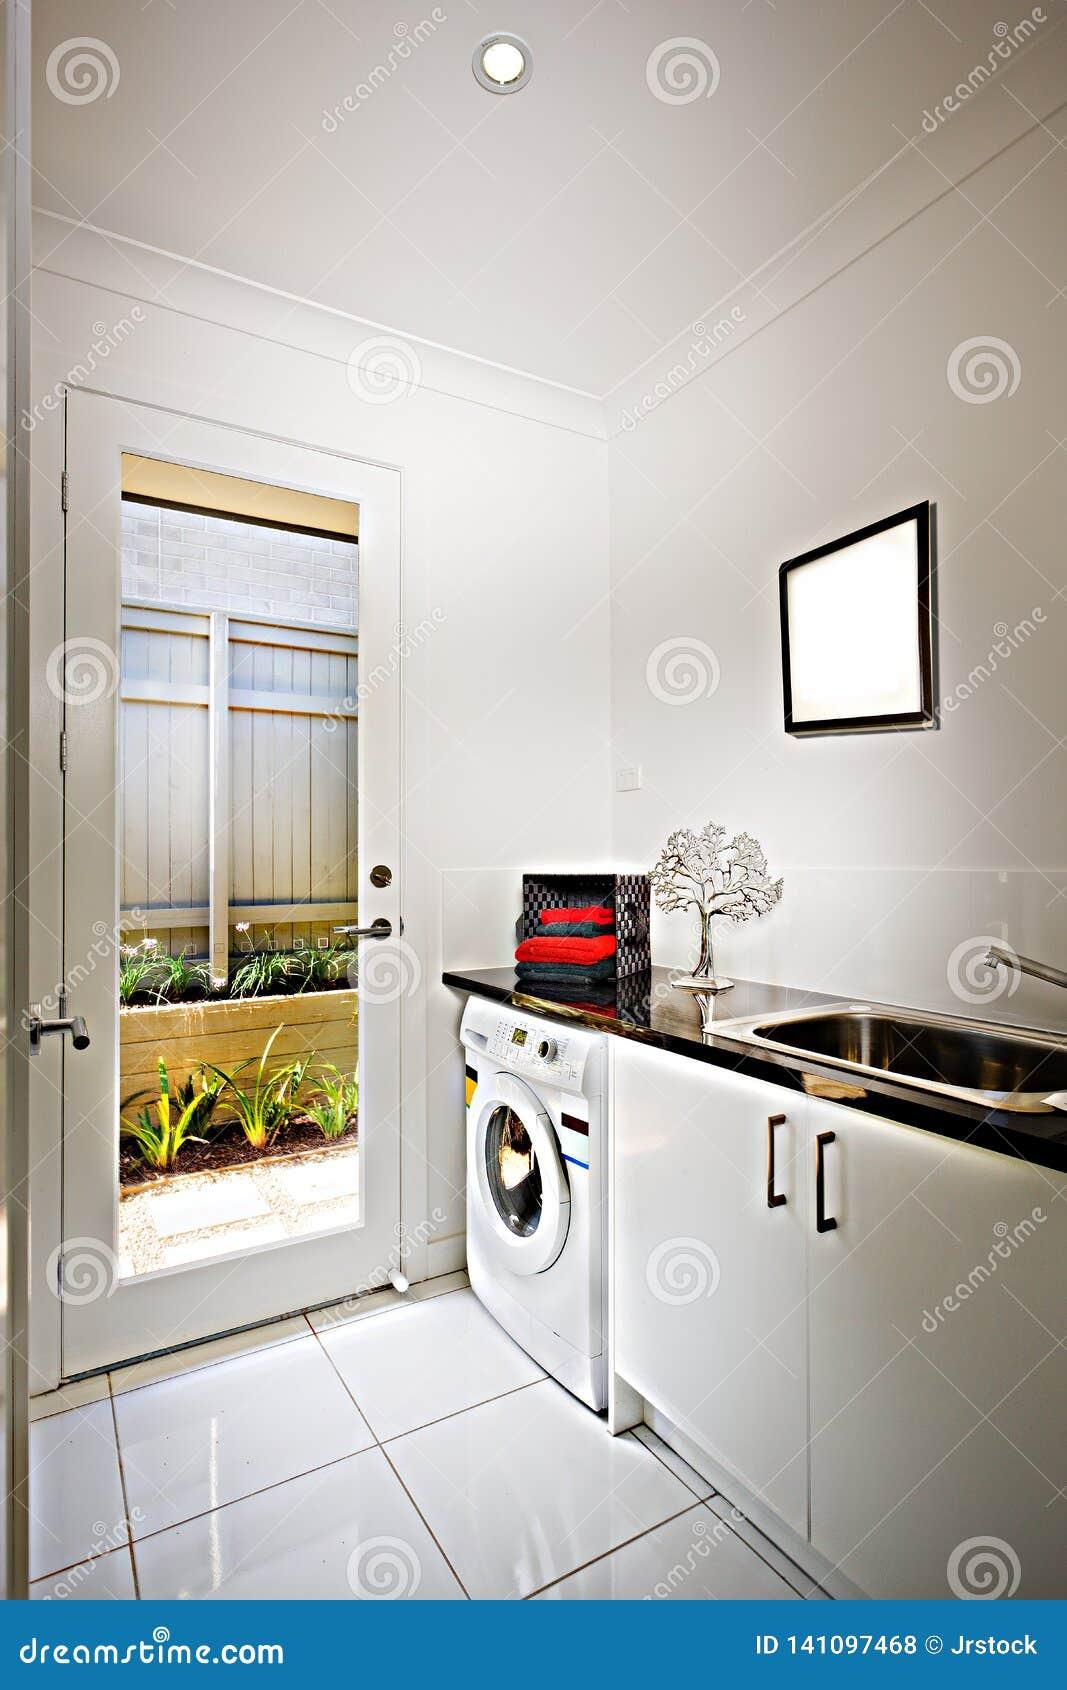 Maison De Luxe Avec Une Cuisine Et Machine A Laver Comprenant Un